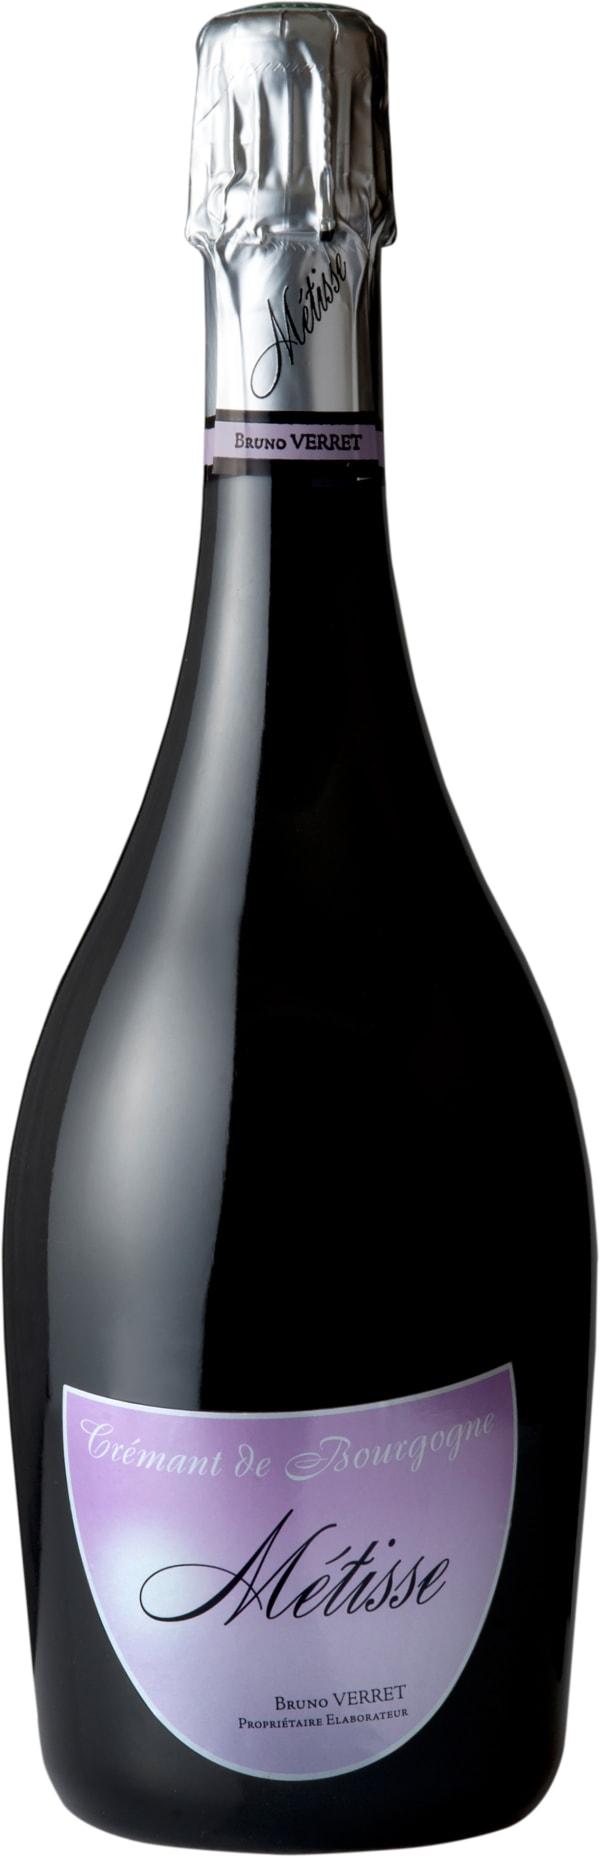 Bruno Verret Métisse Crémant de Bourgogne Vieilli en fût de chêne Brut